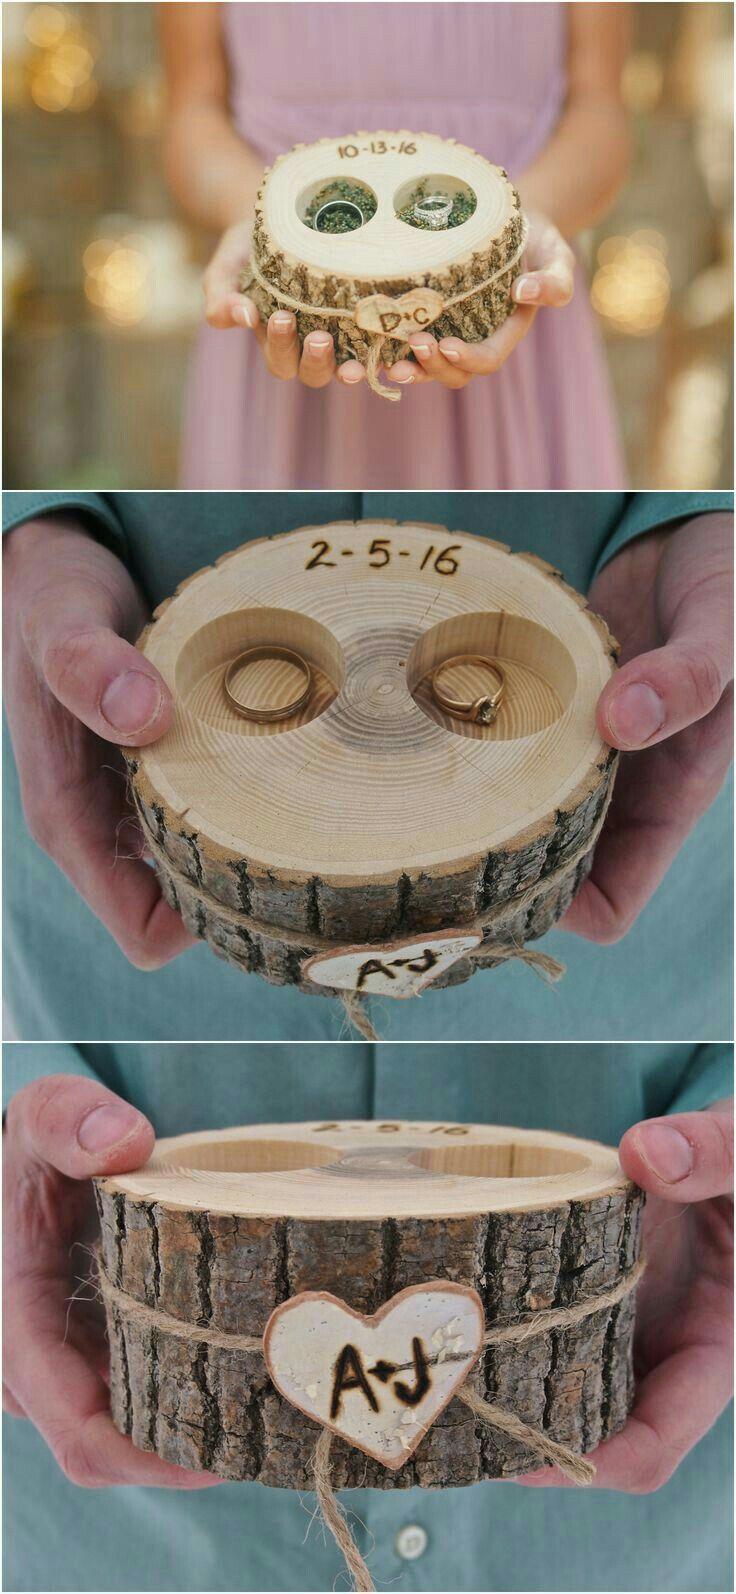 Personalized ring box! So Adorable!! Fabriquer votre porte alliance vous-même avec un petit rondin de bois. #mariage #wedding #ring #alliance #wood #ceremonie #diy #creative #inspiration #idea